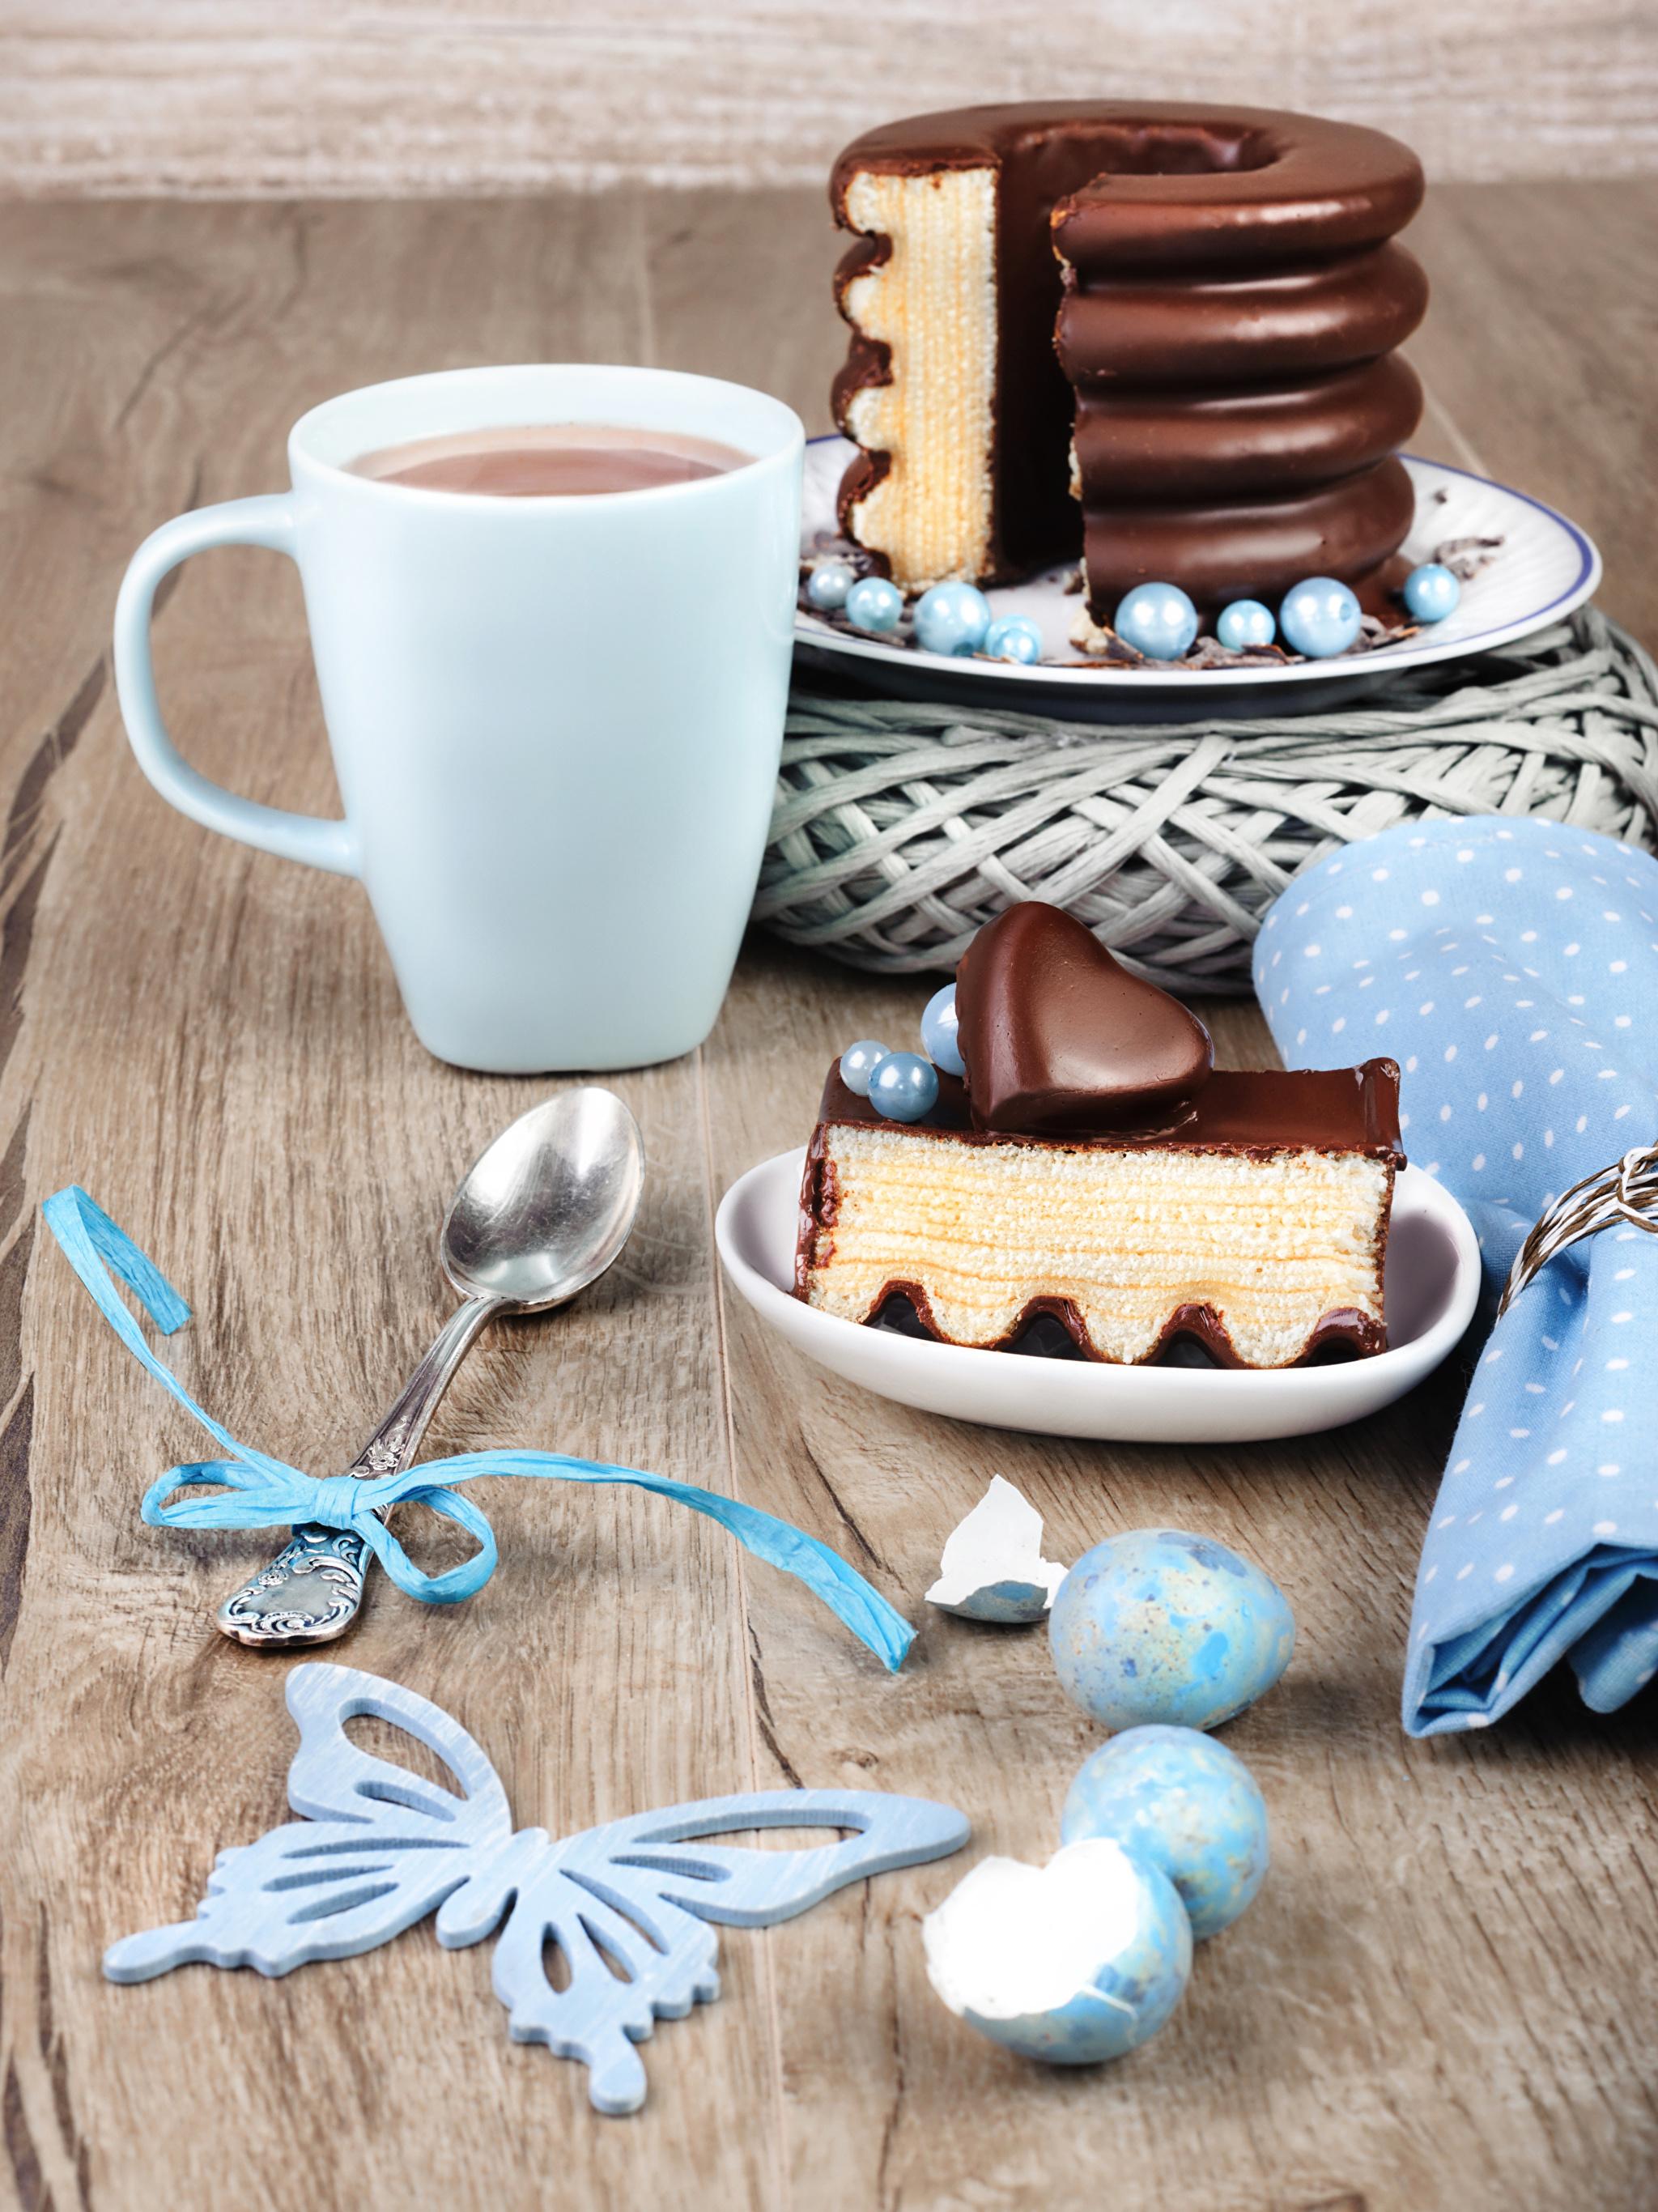 Фото Бабочки сердечко Яйца Шоколад Торты Какао напиток часть Еда Ложка Чашка 2048x2732 Сердце Горячий шоколад Кусок Пища Продукты питания